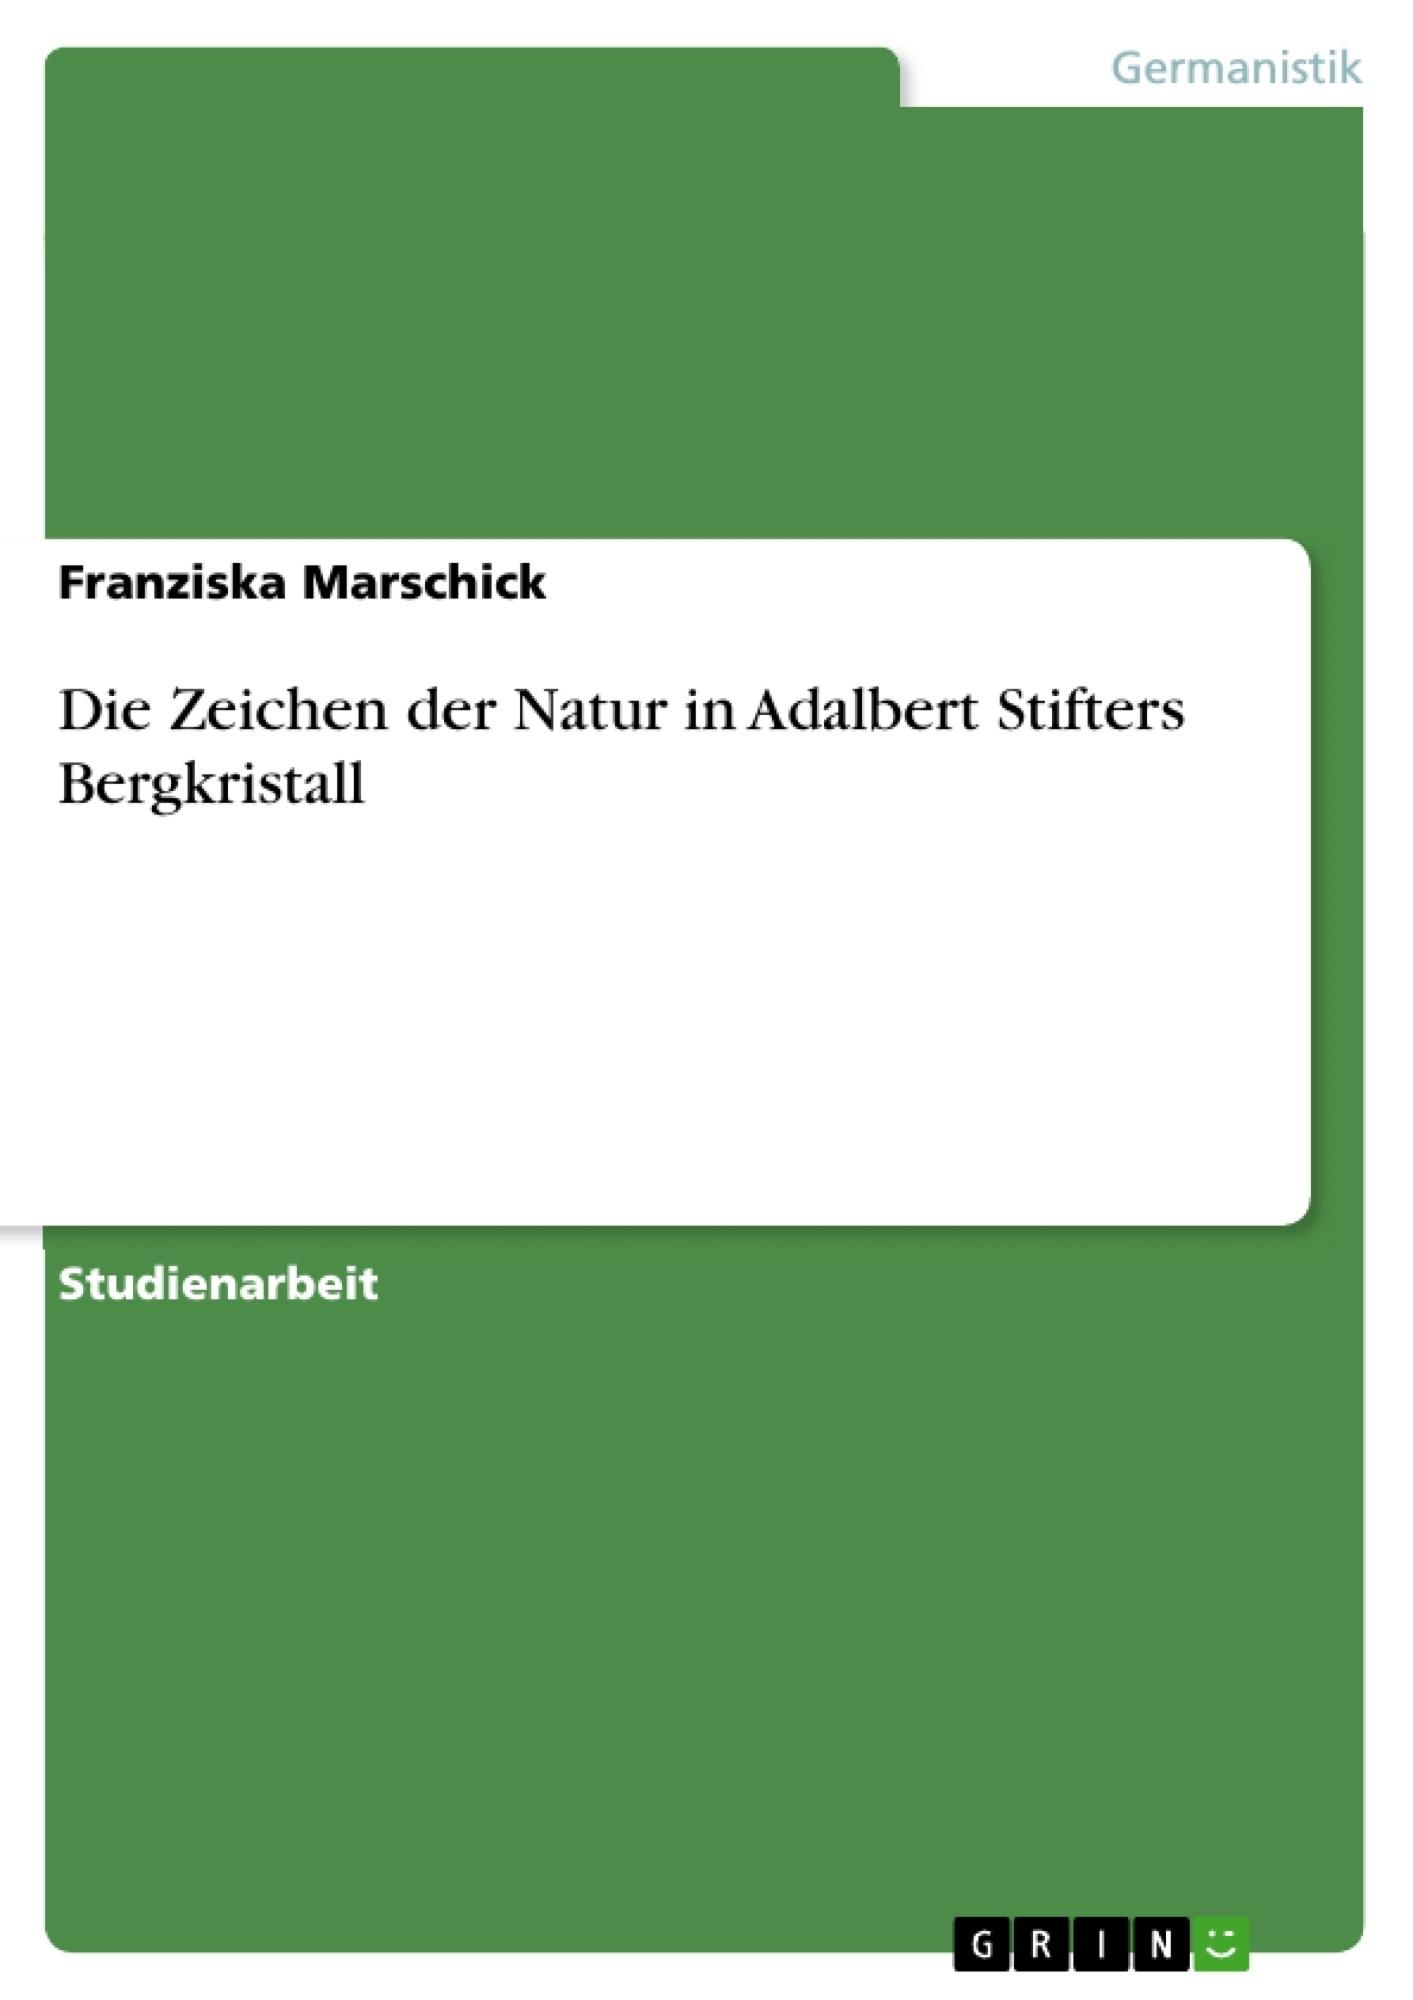 Titel: Die Zeichen der Natur in Adalbert Stifters Bergkristall